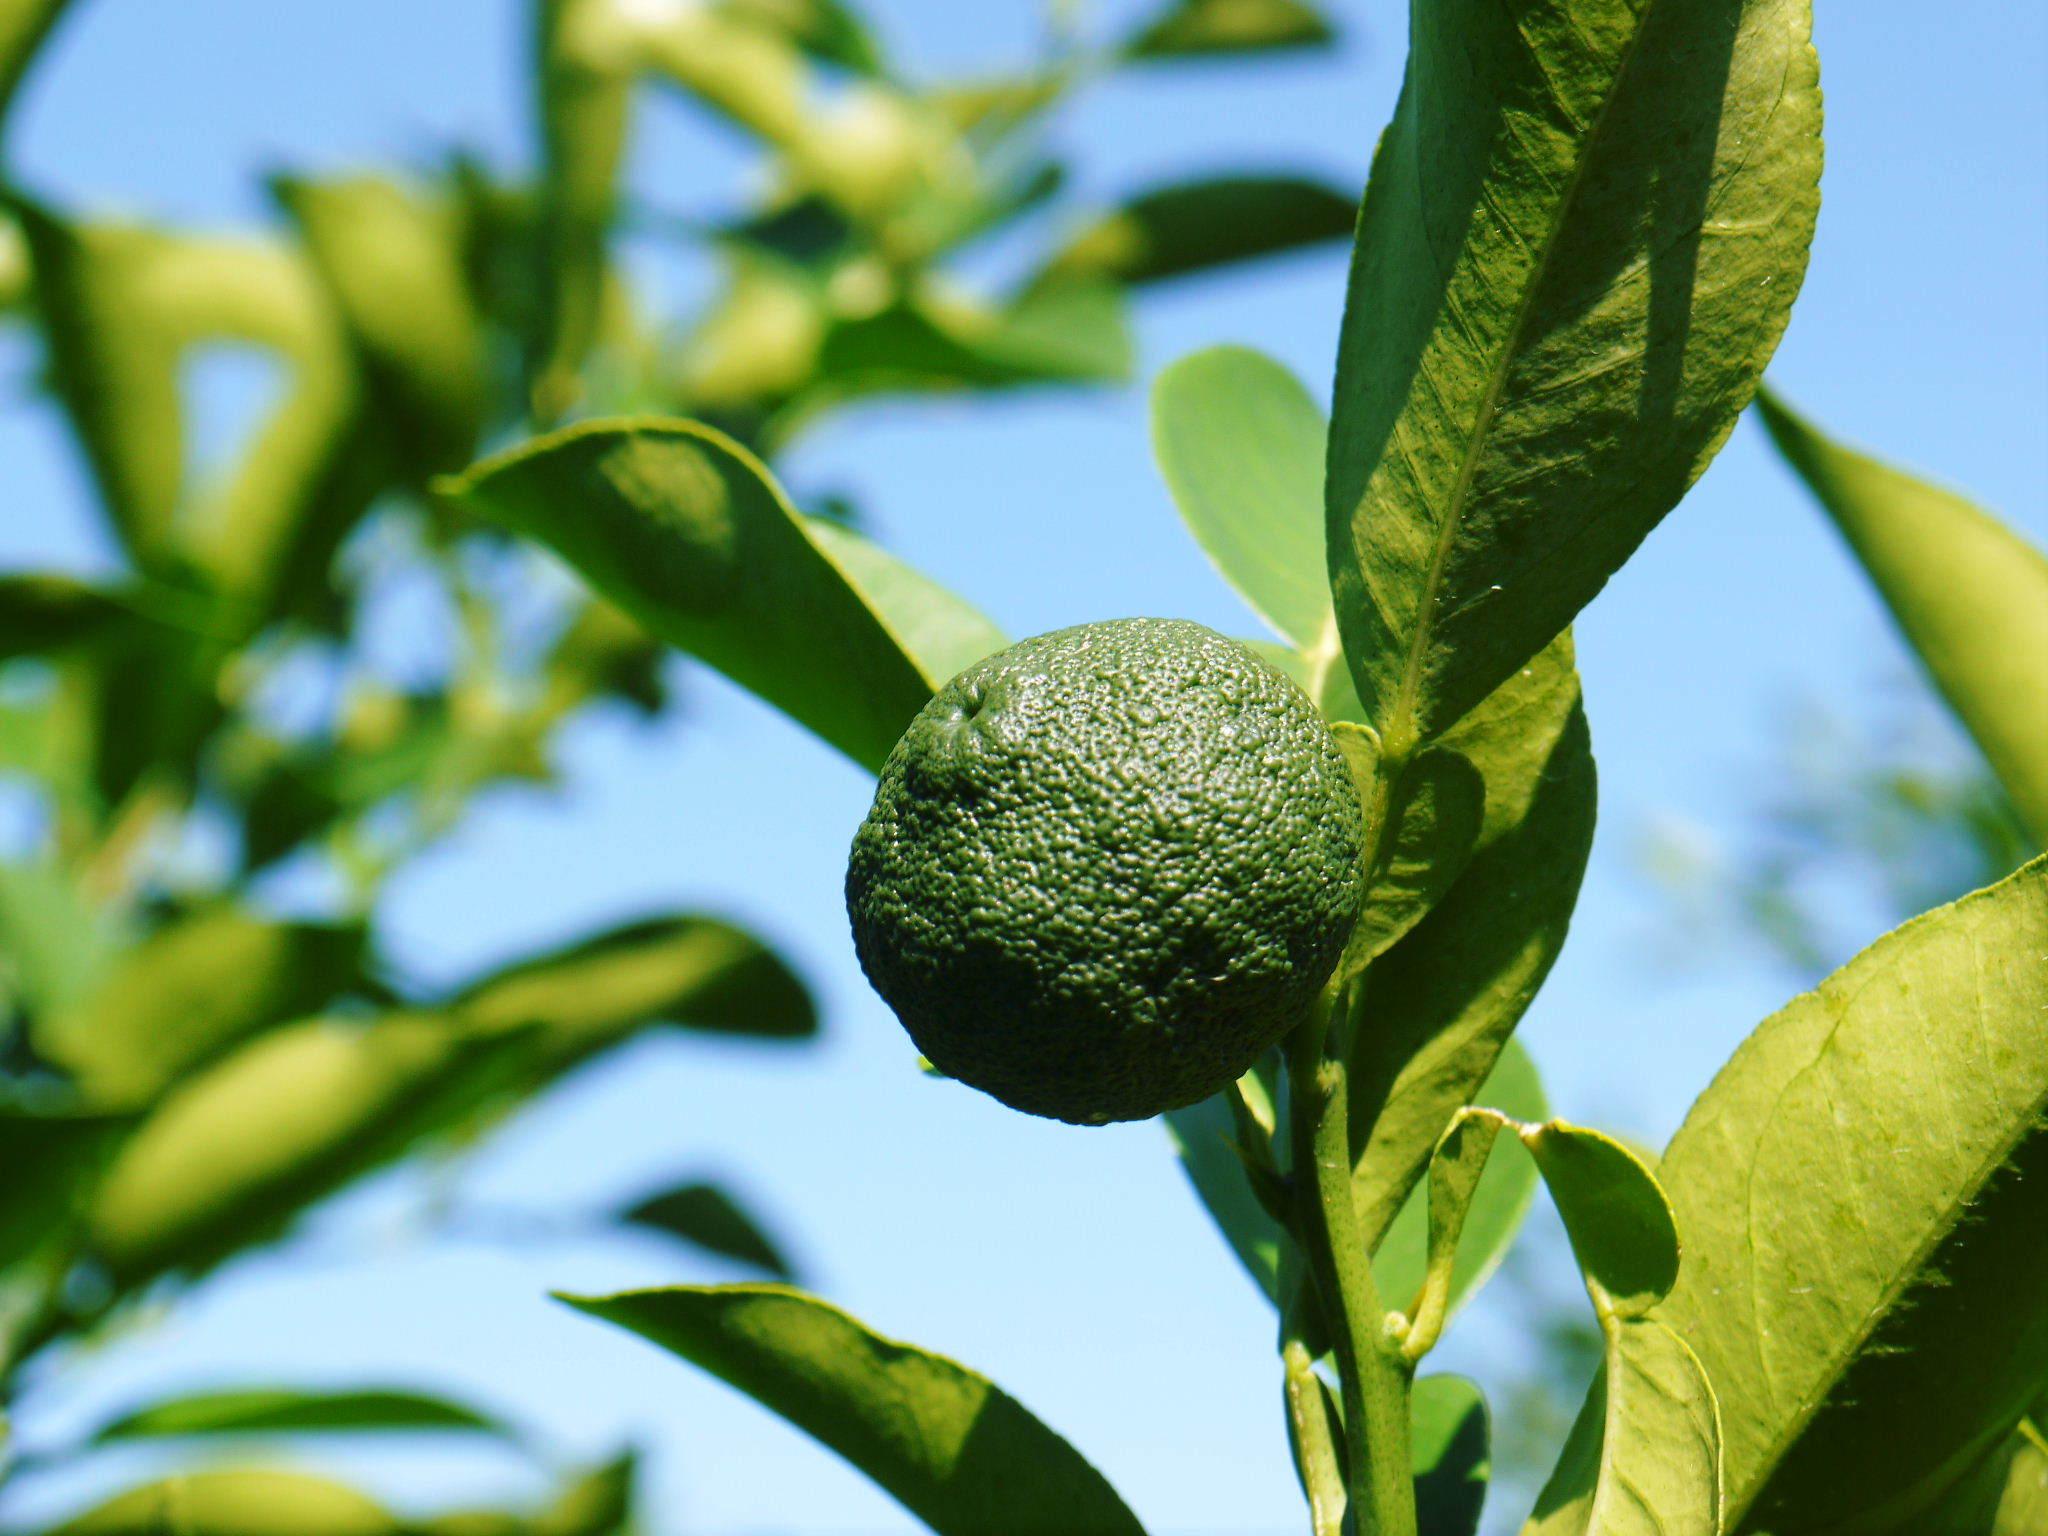 香り高き柚子(ゆず) 着果の様子を現地取材(2020) 今年もまずは青柚子を9月中旬からの出荷予定です!_a0254656_18575166.jpg